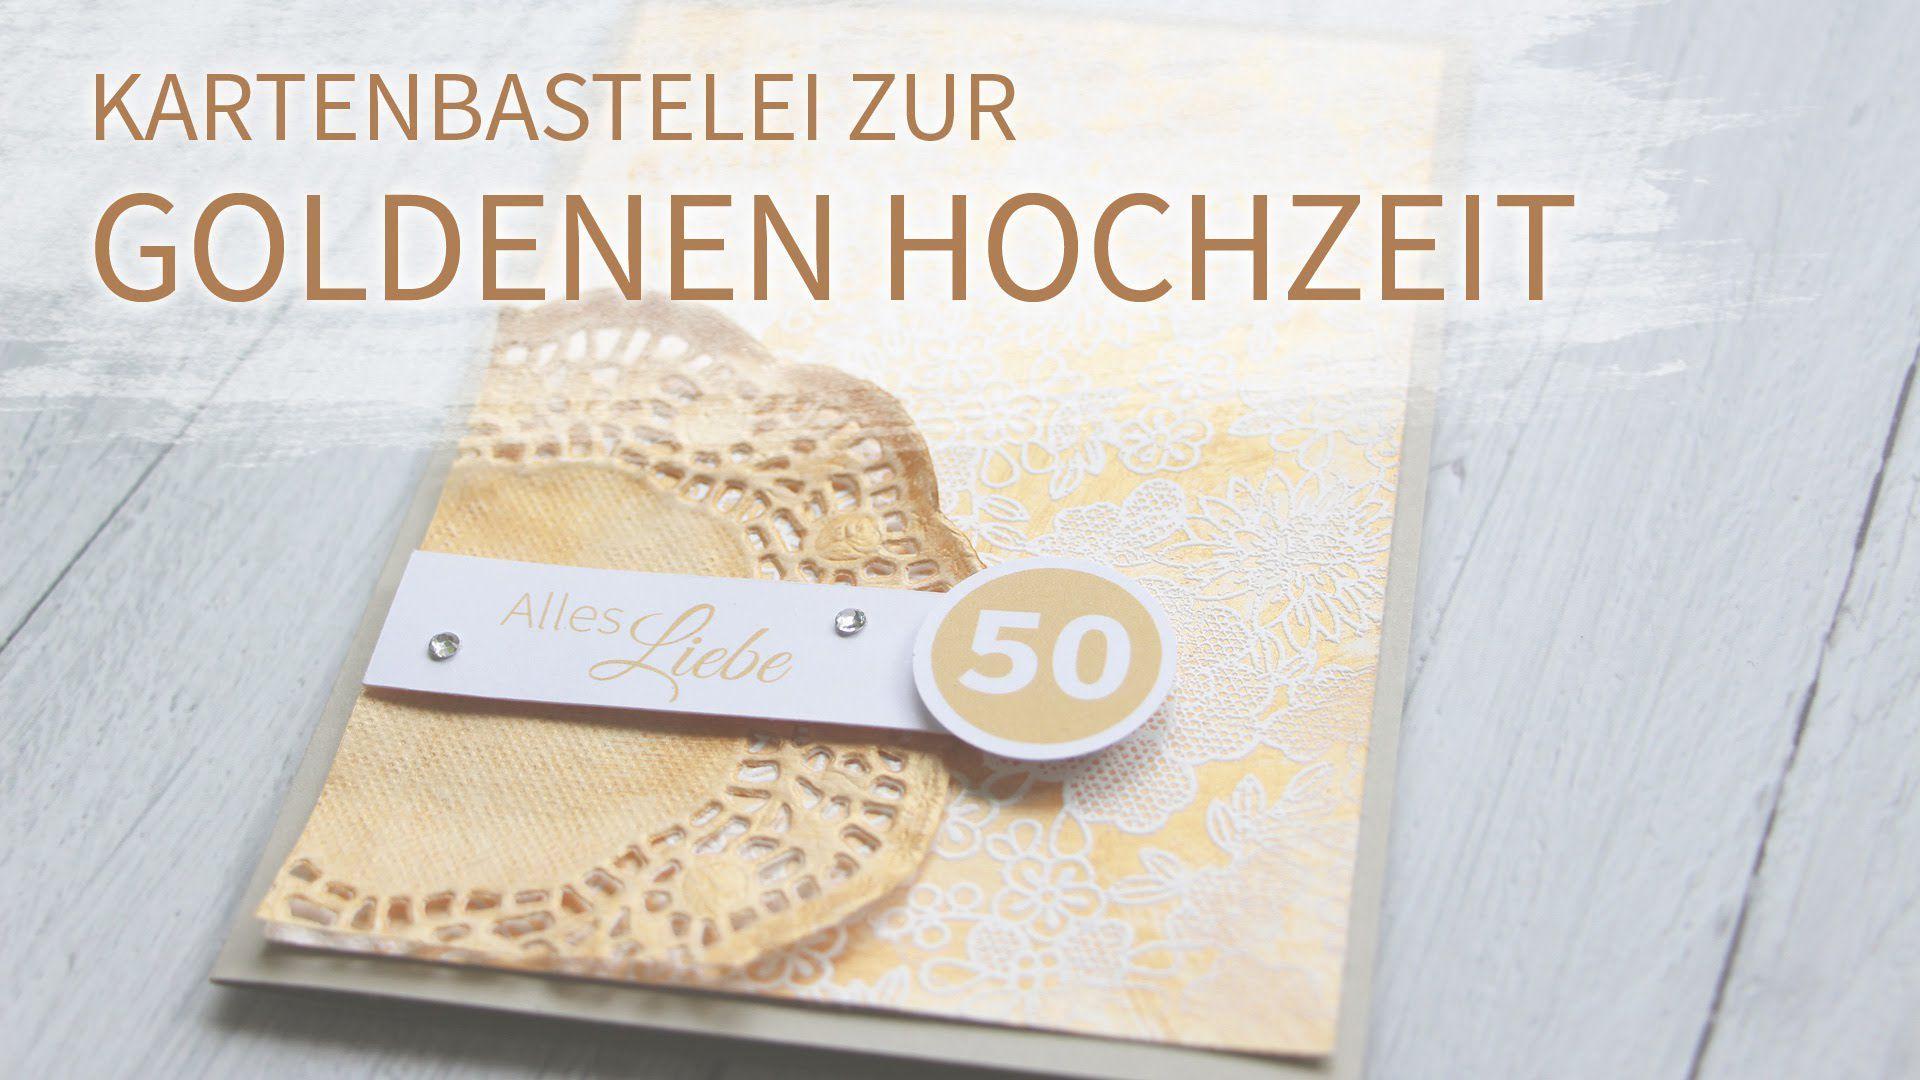 Einladungskarten Hochzeit Selber Gestalten : Einladung Hochzeit Selber  Gestalten   Online Einladungskarten   Online Einladungskarten